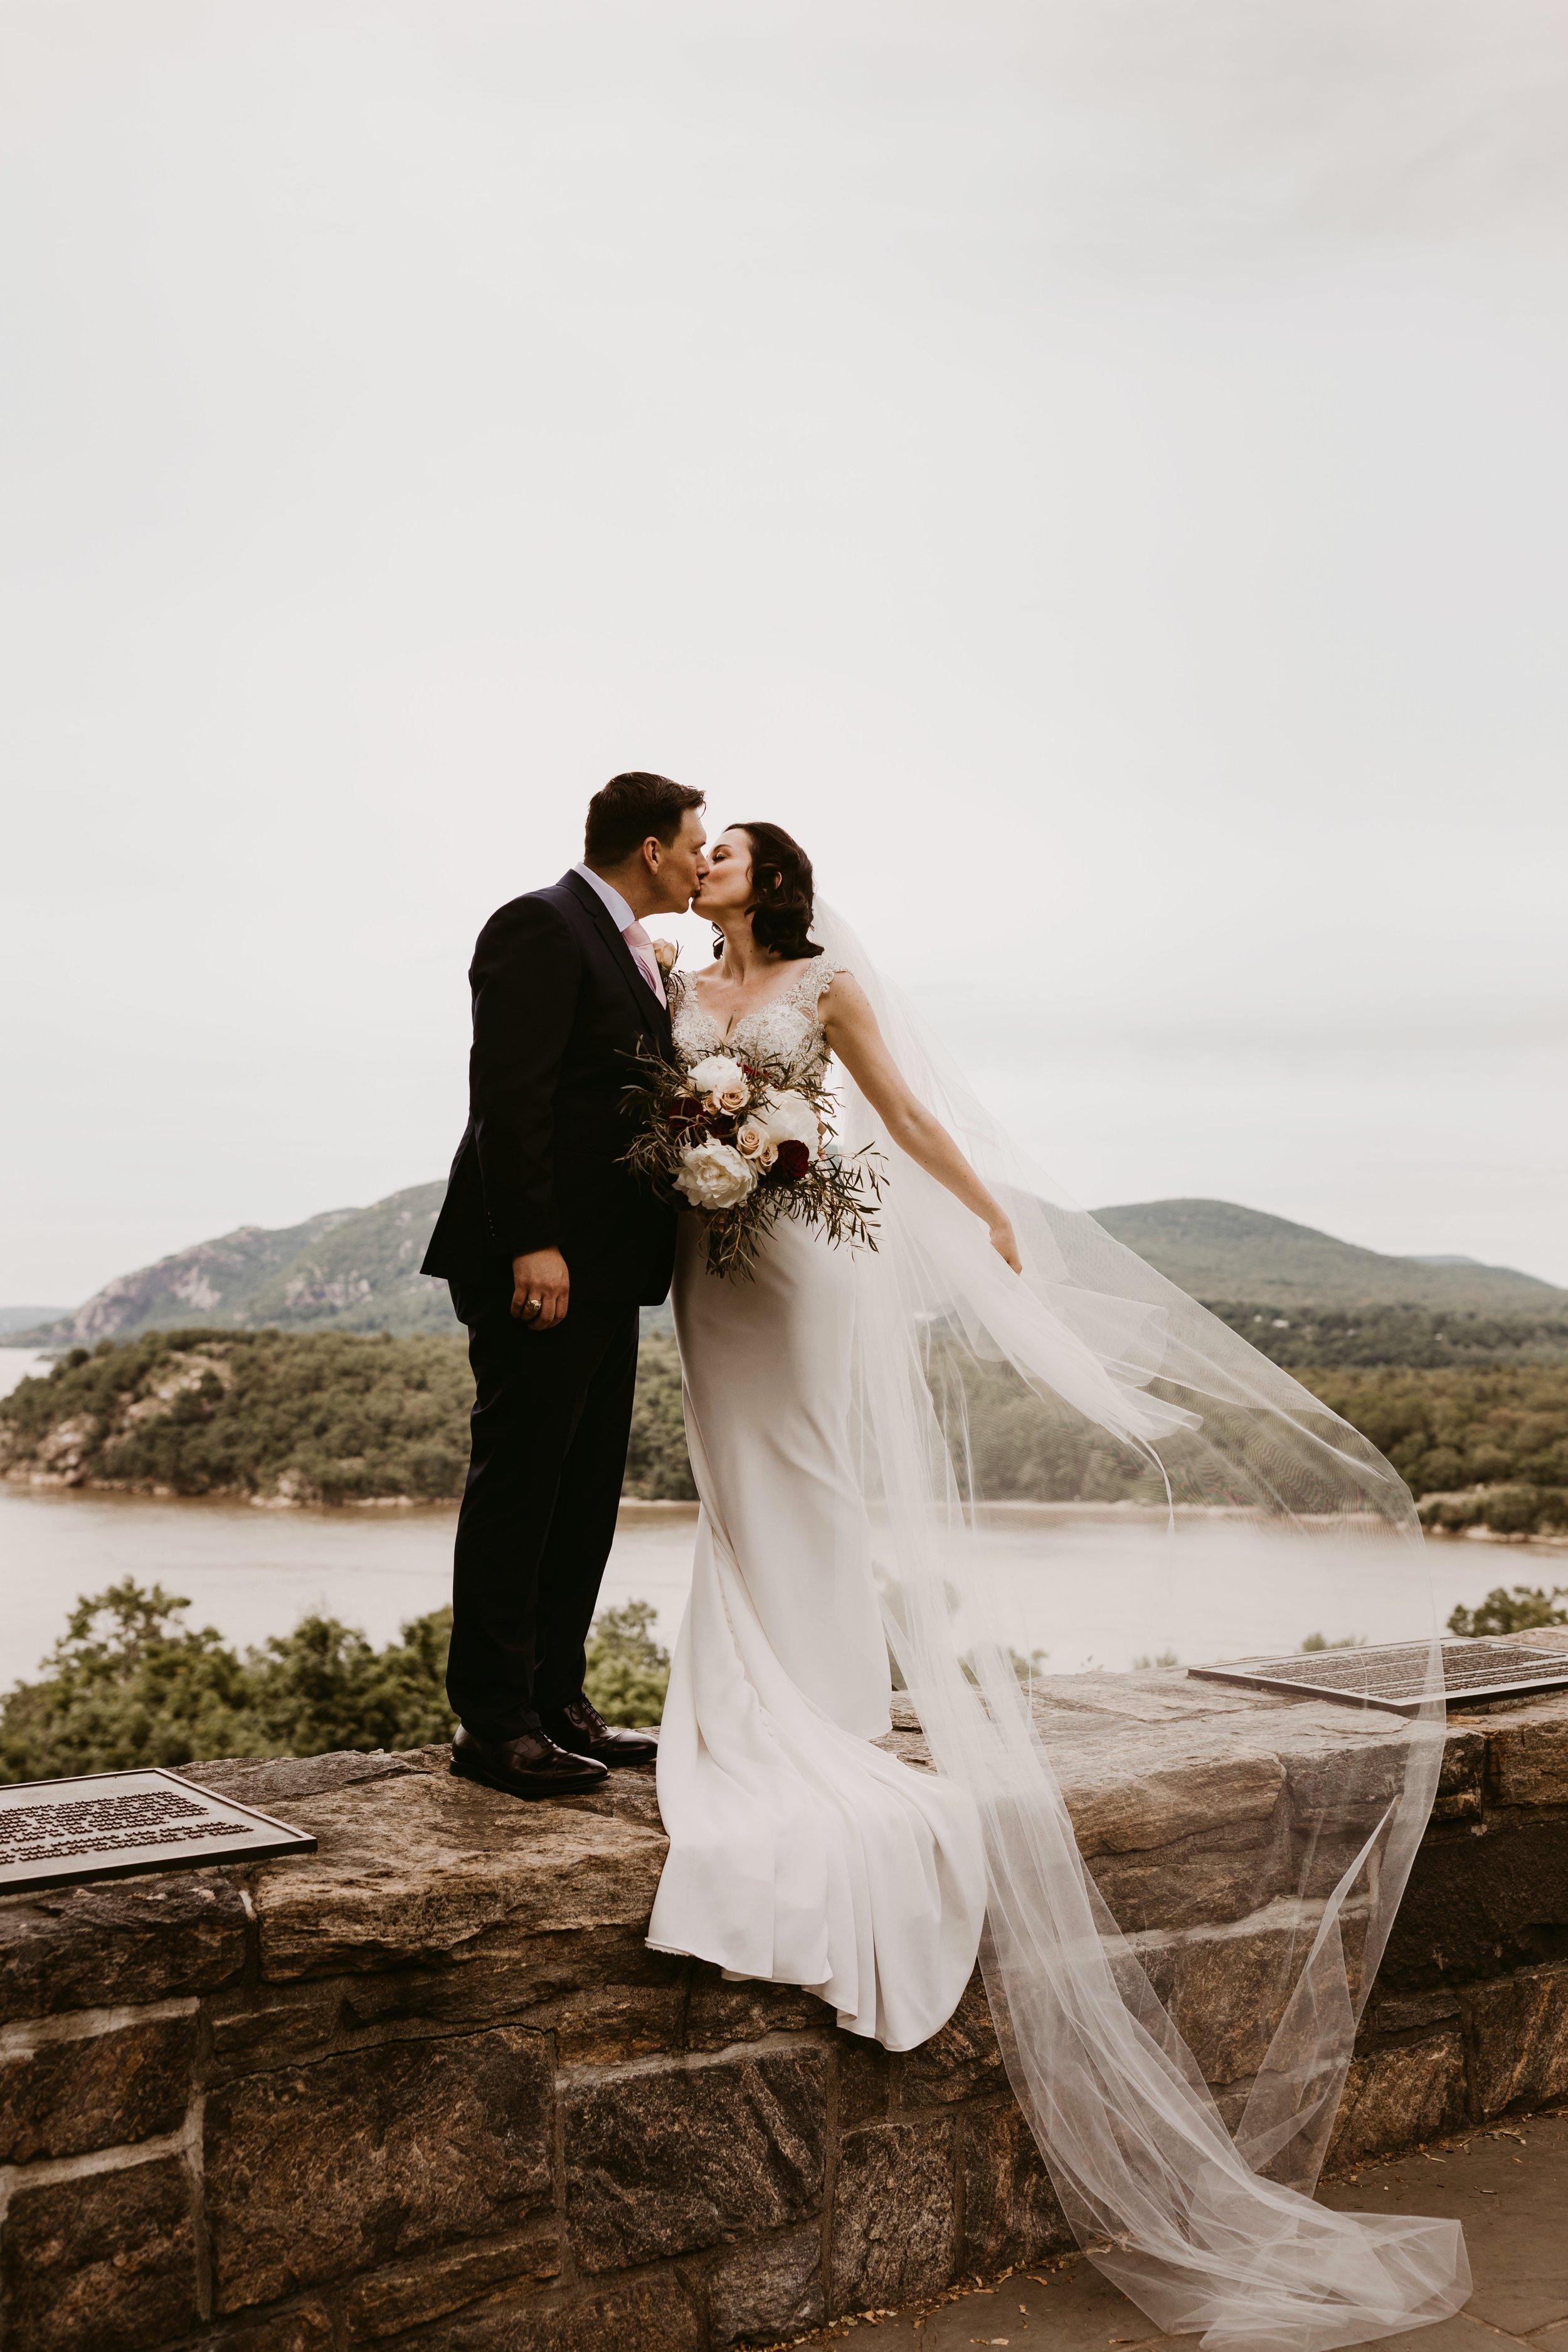 LaurenandAlex-weddingpreviews(9of35).jpg